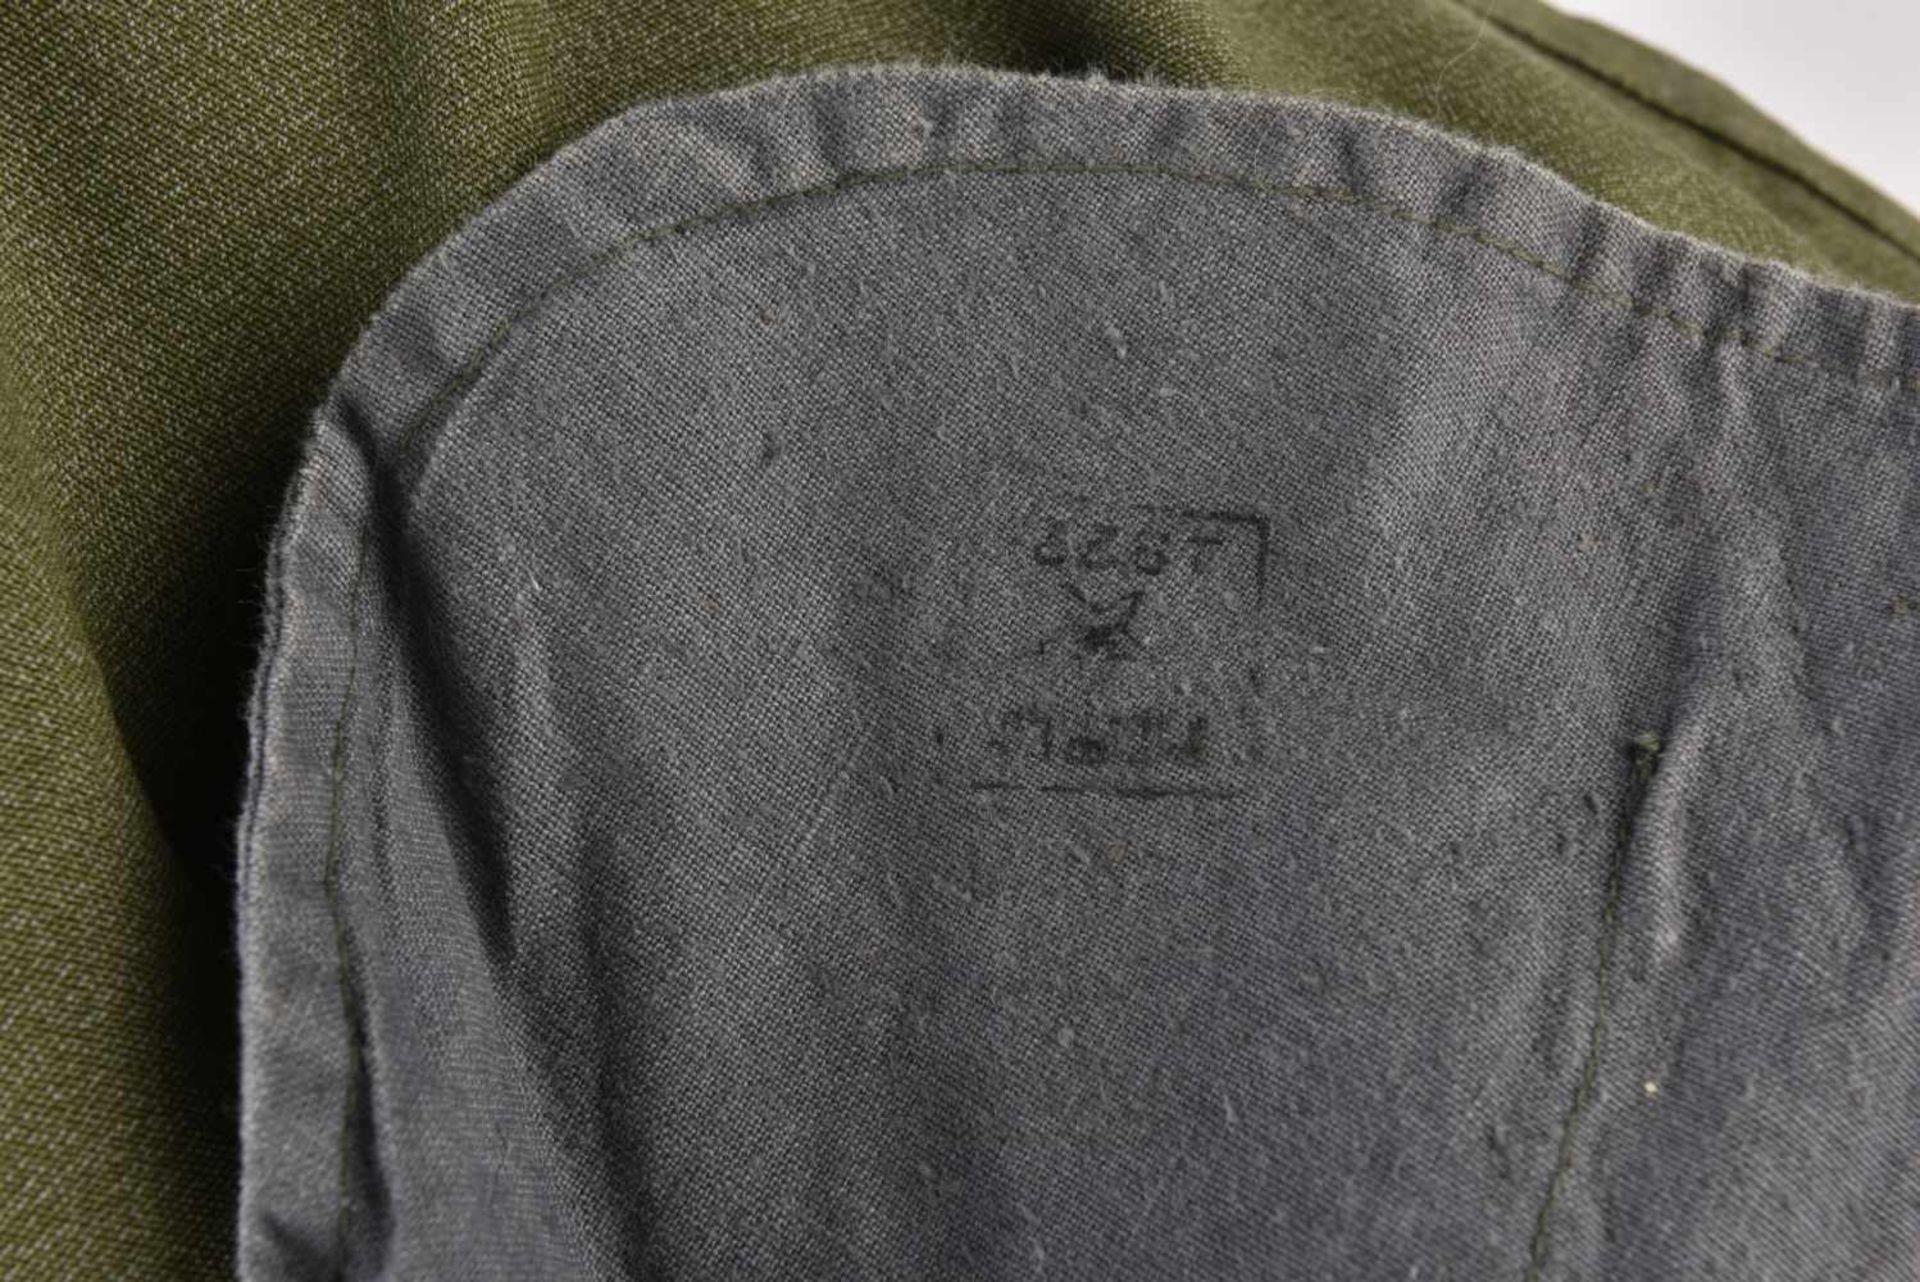 Gymnasterka M.22 pionniers en toile verte, avec ses pattes de col, parements de poitrine, insigne de - Bild 3 aus 4